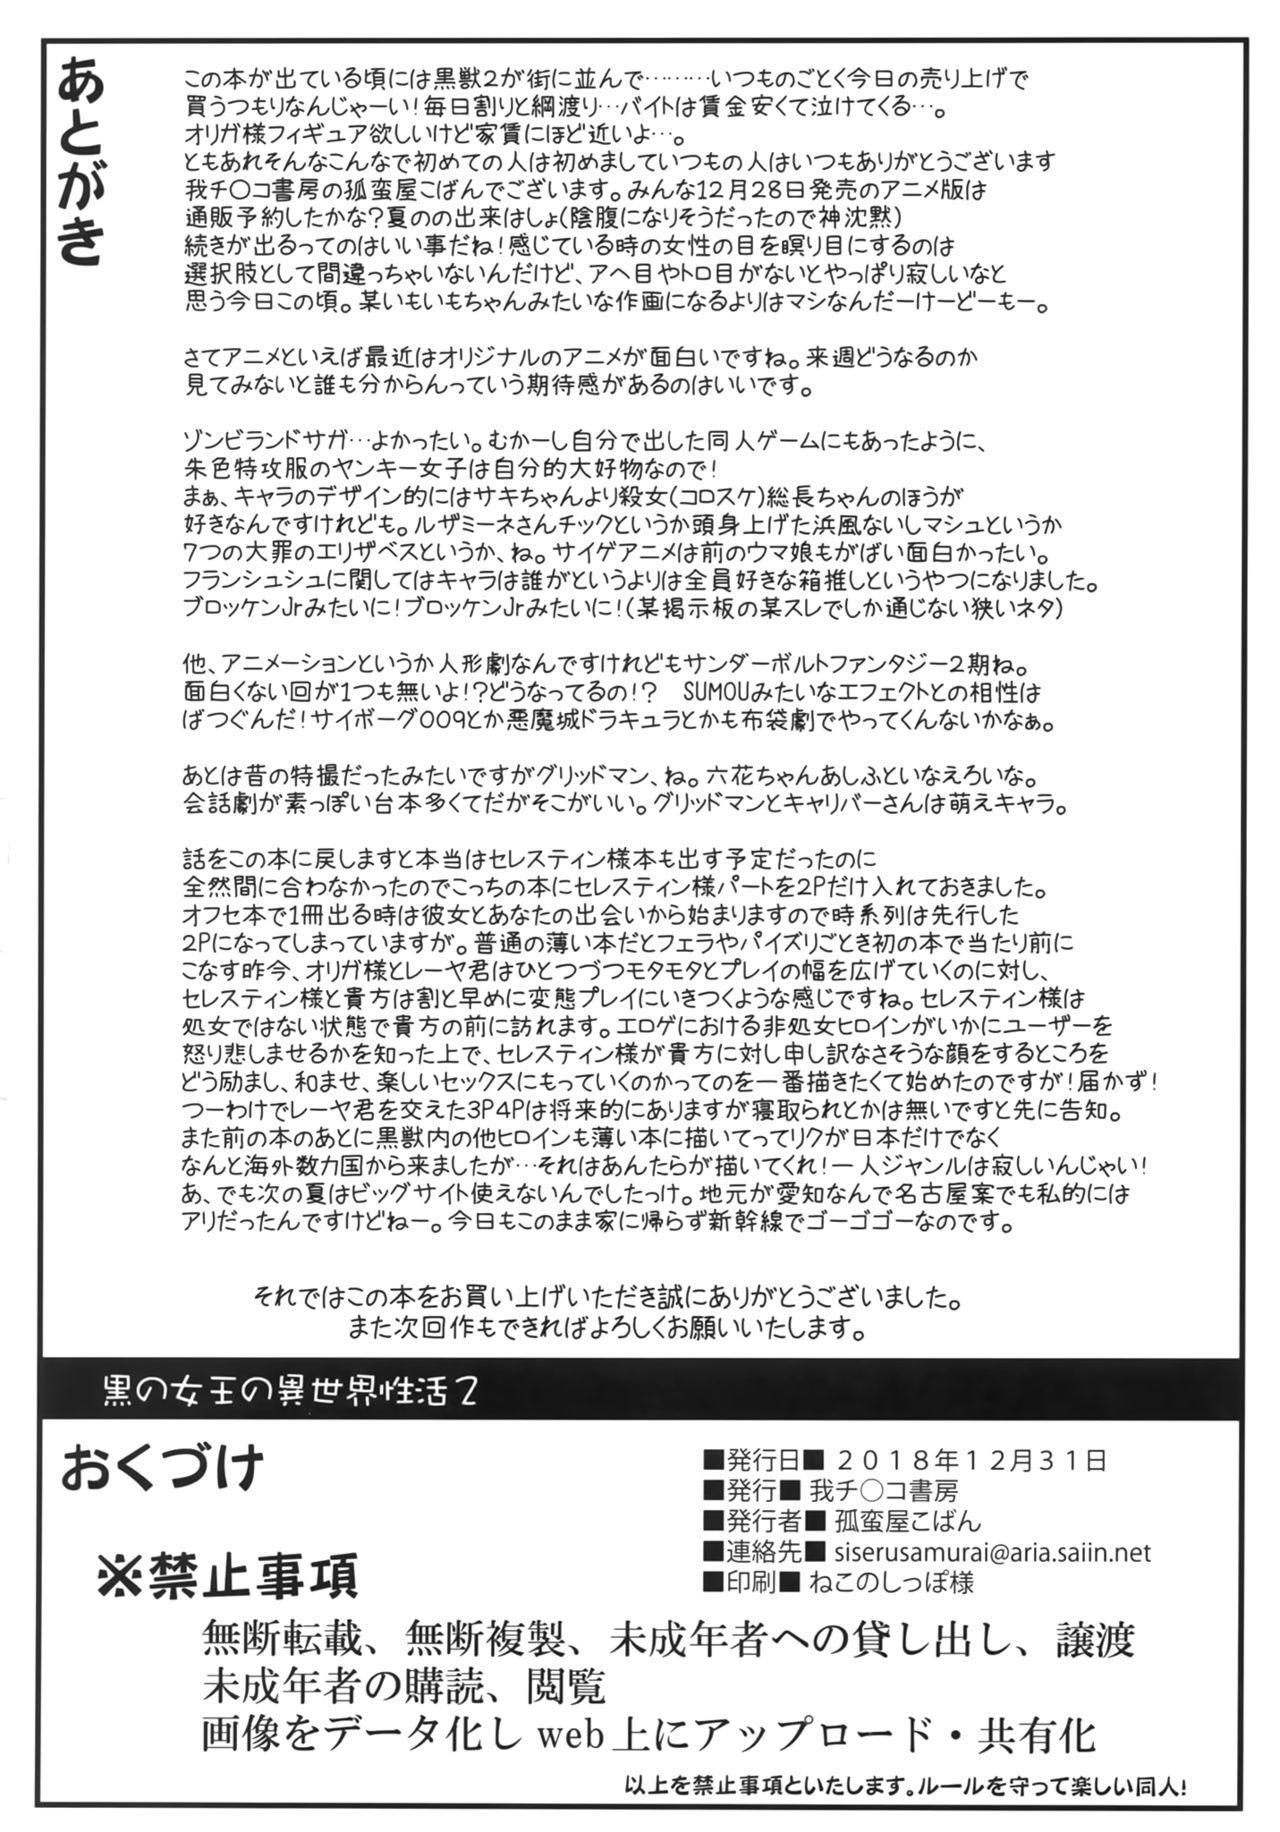 Kuro no Joou no Isekai Seikatsu 2 25